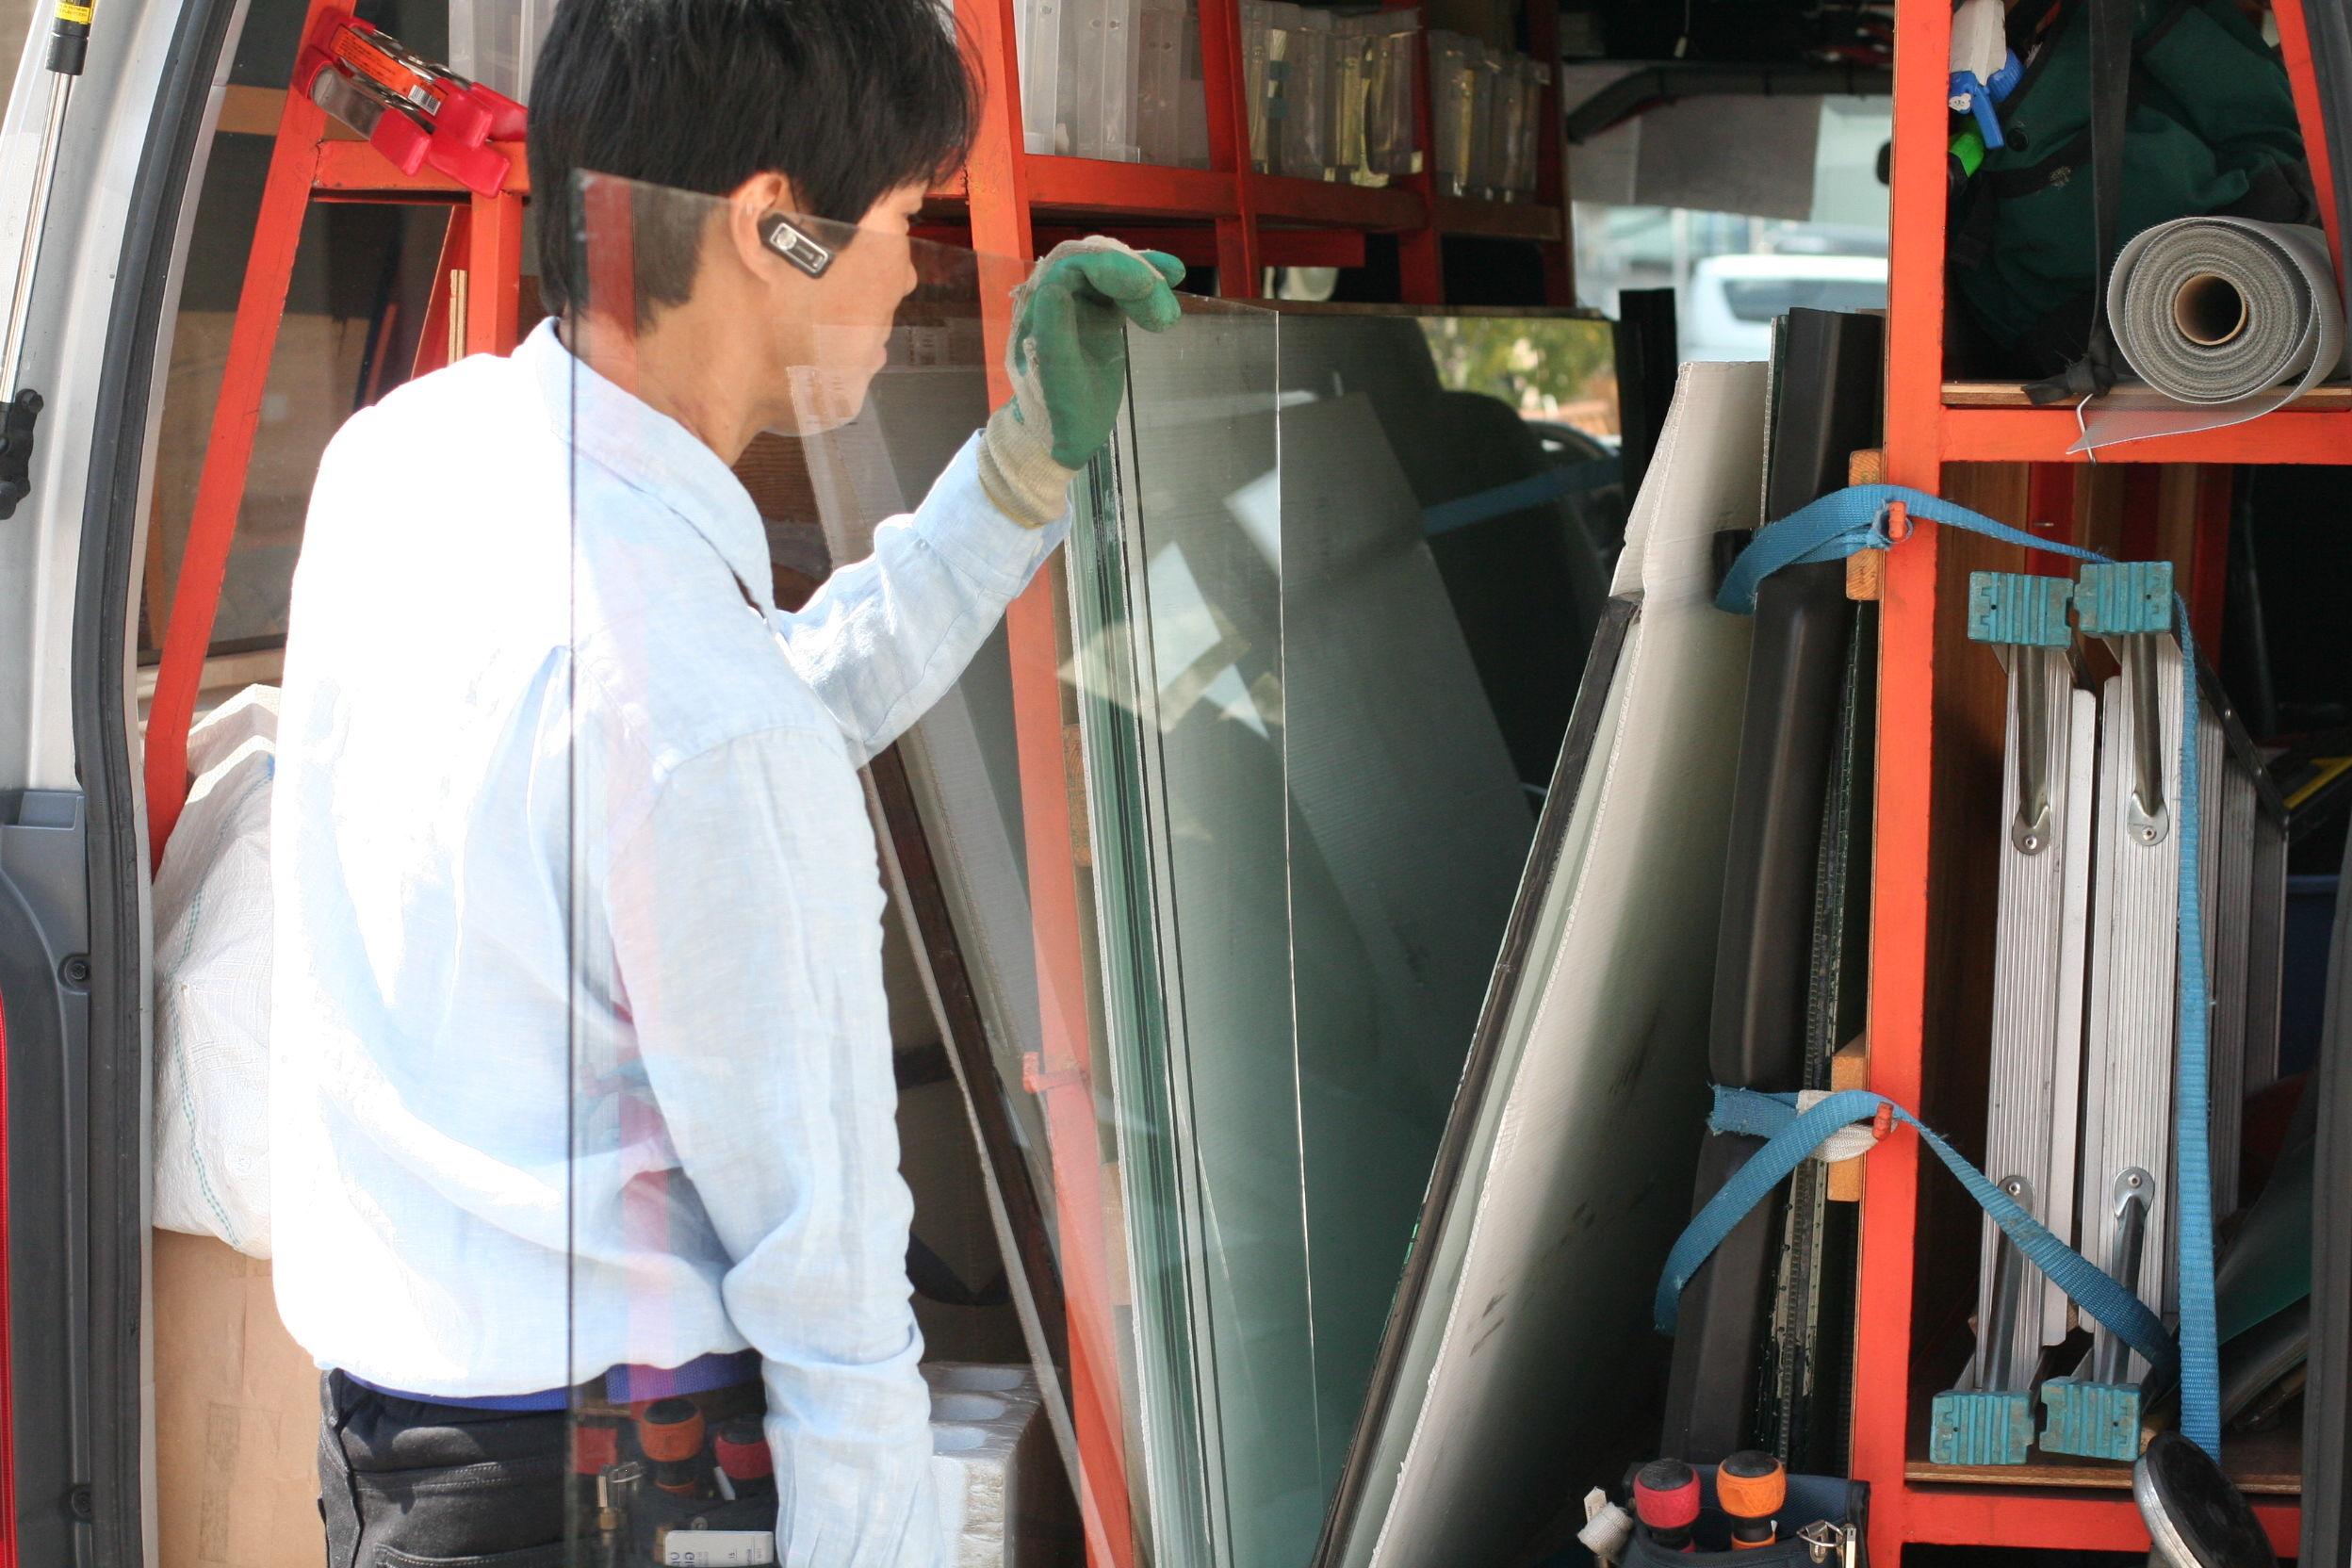 ガラスのトラブル救Q隊.24【町田市 出張エリア】の店内・外観画像2